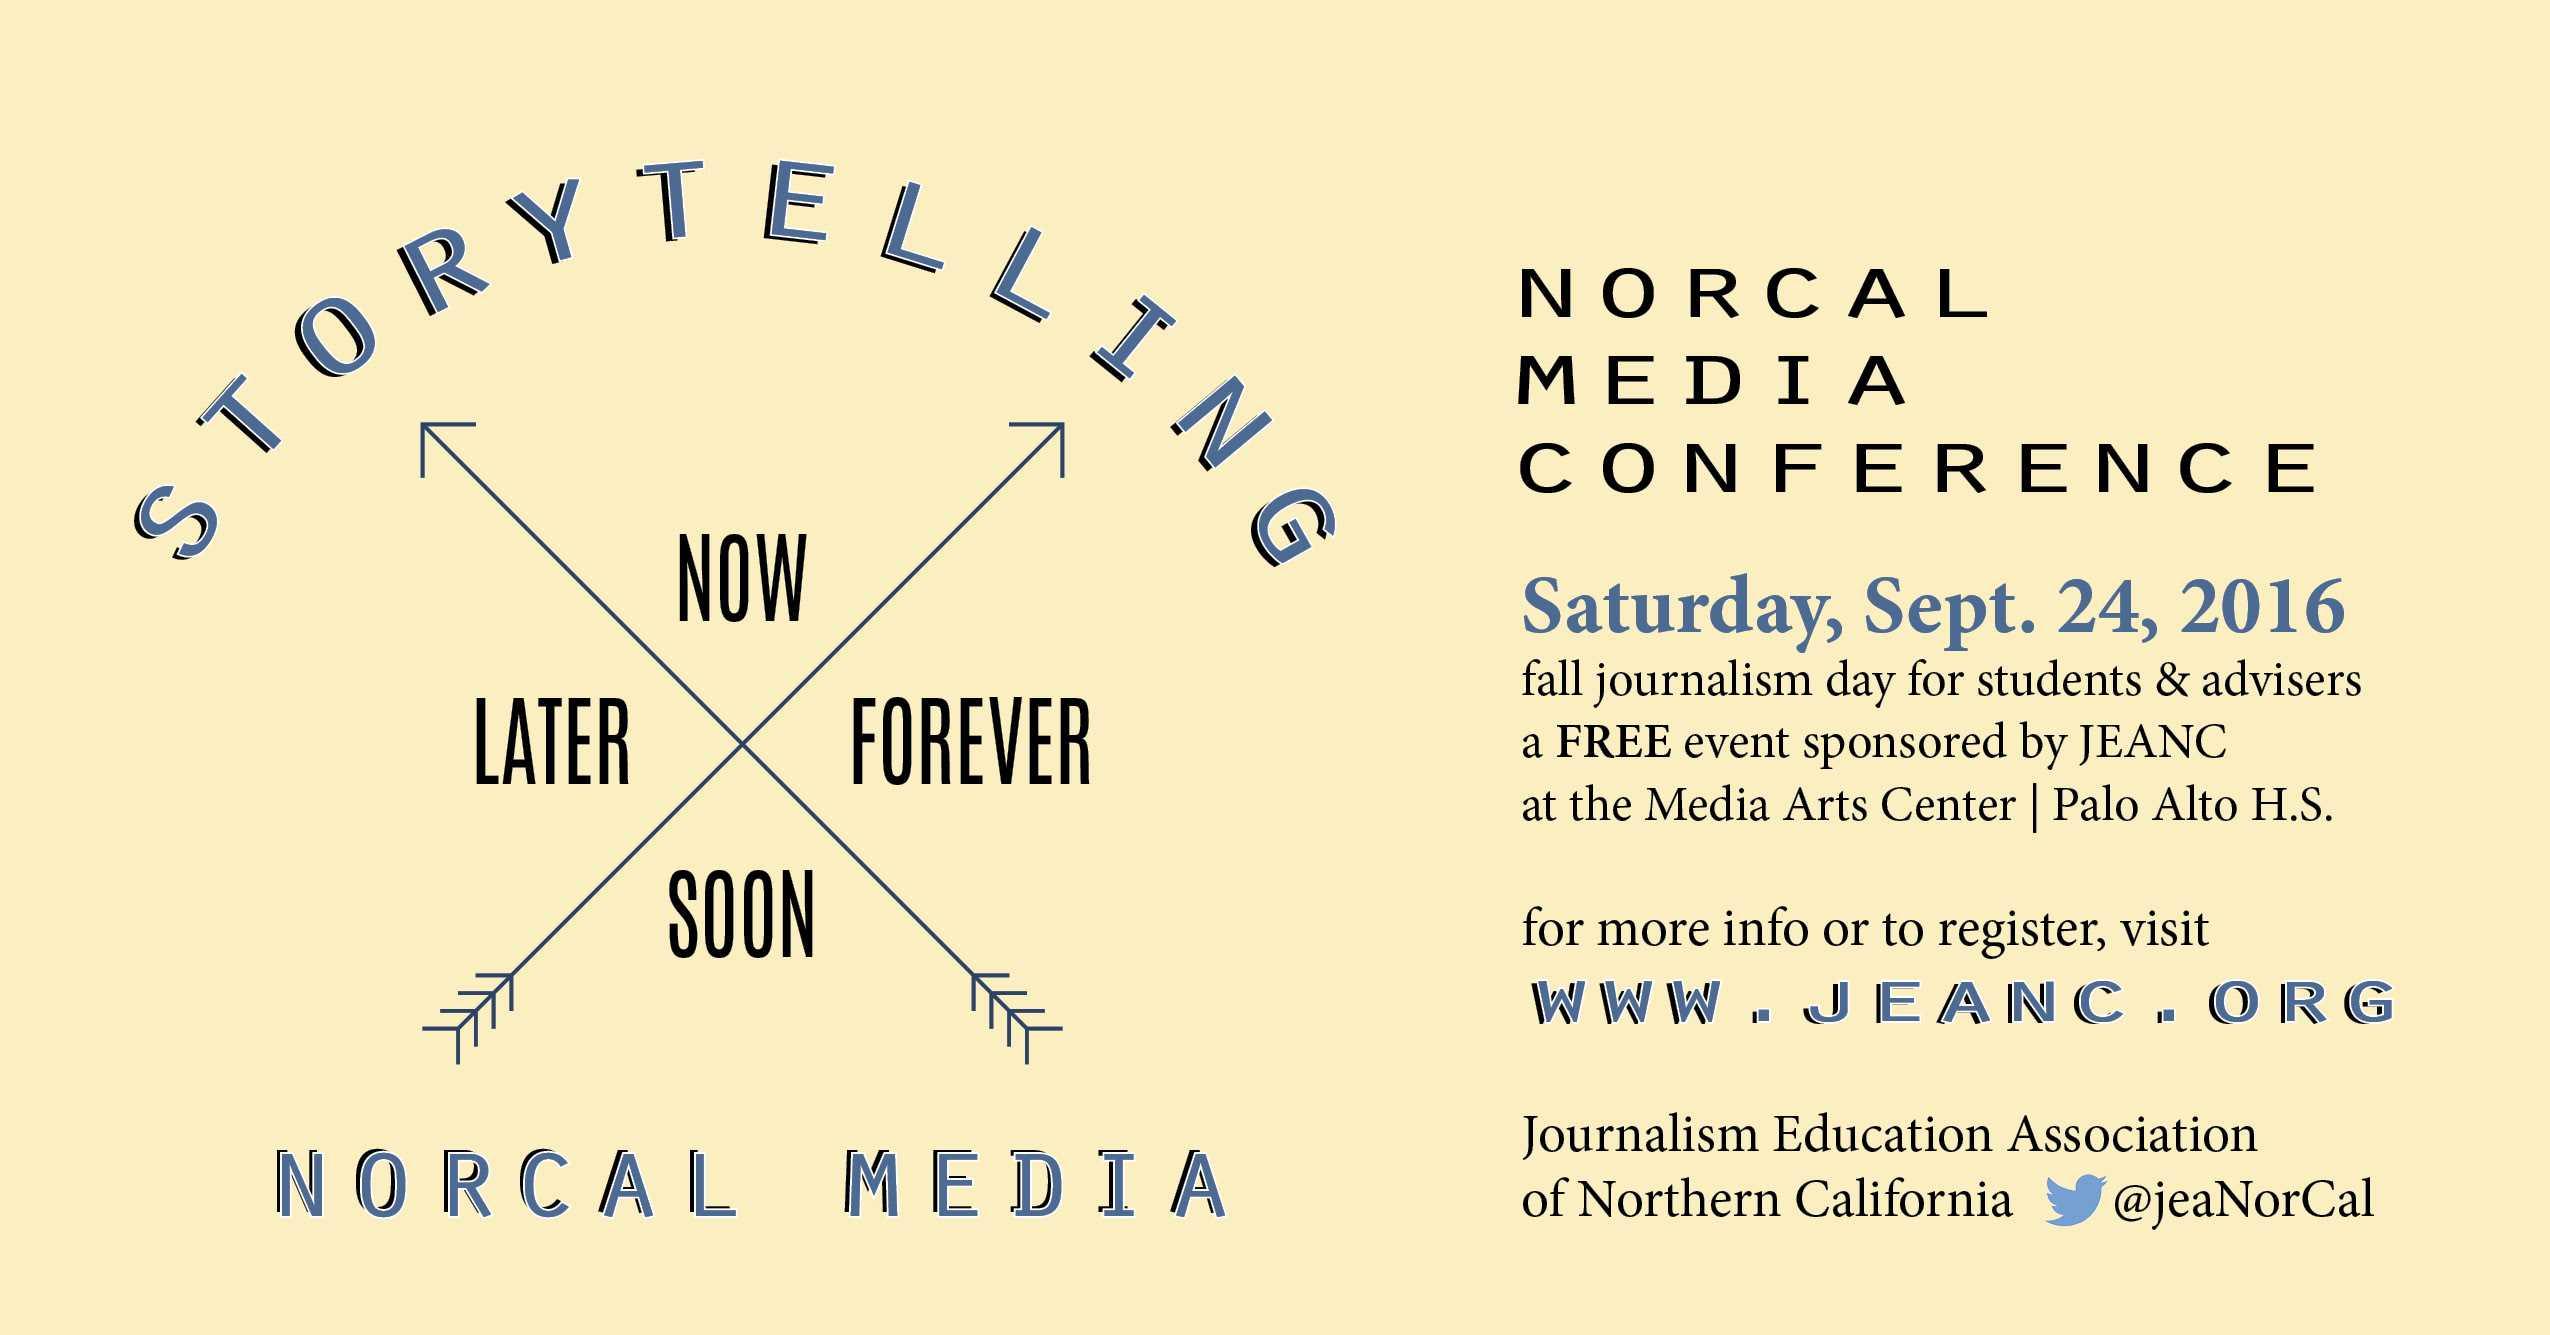 NorCal-Media-Conf-promo1